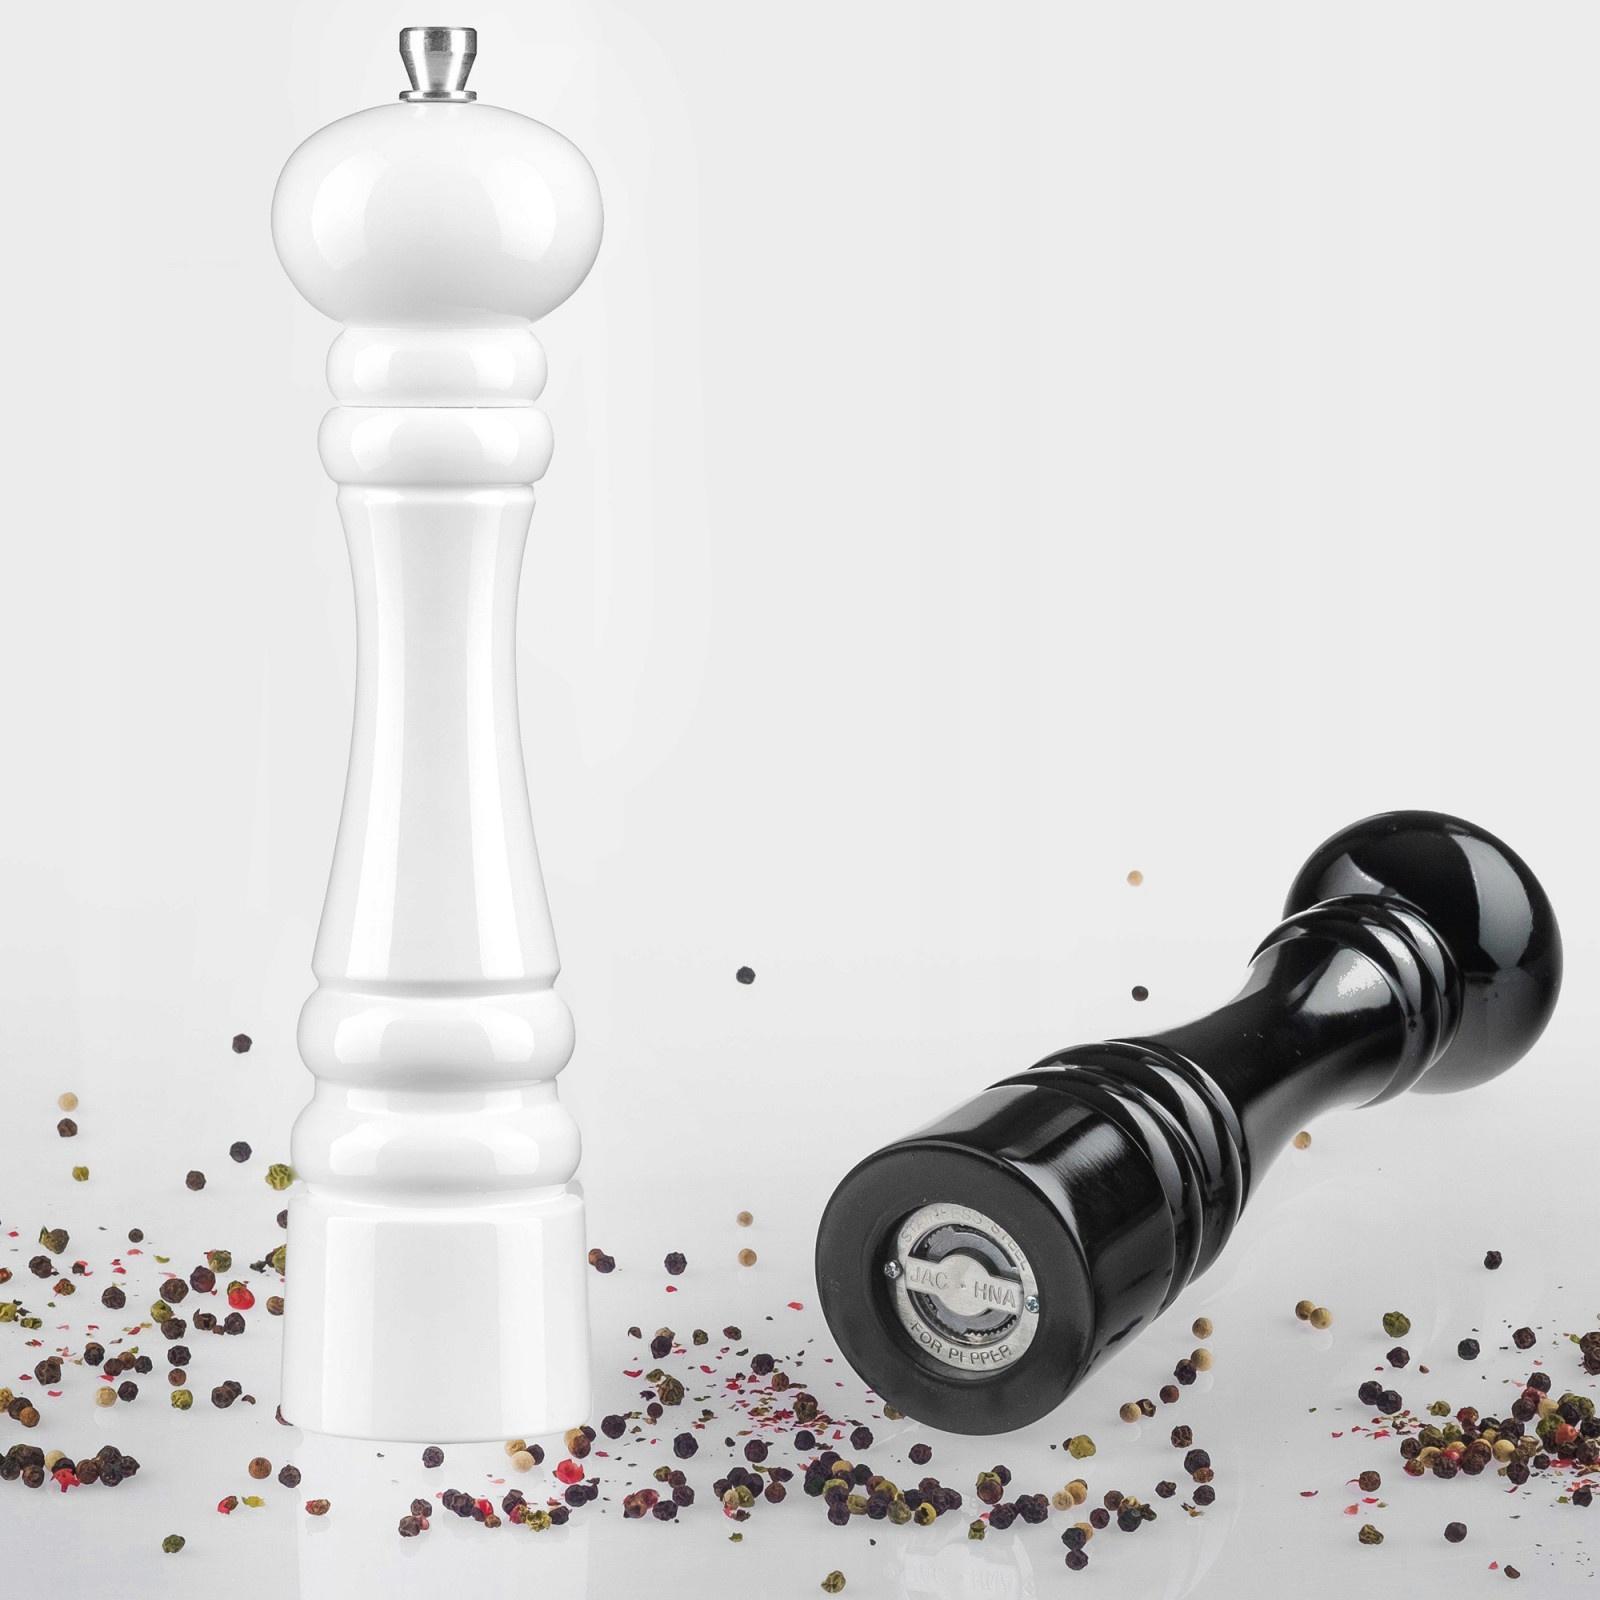 ručné mlynčeky na korenie soľ biely čierny megamix.sk